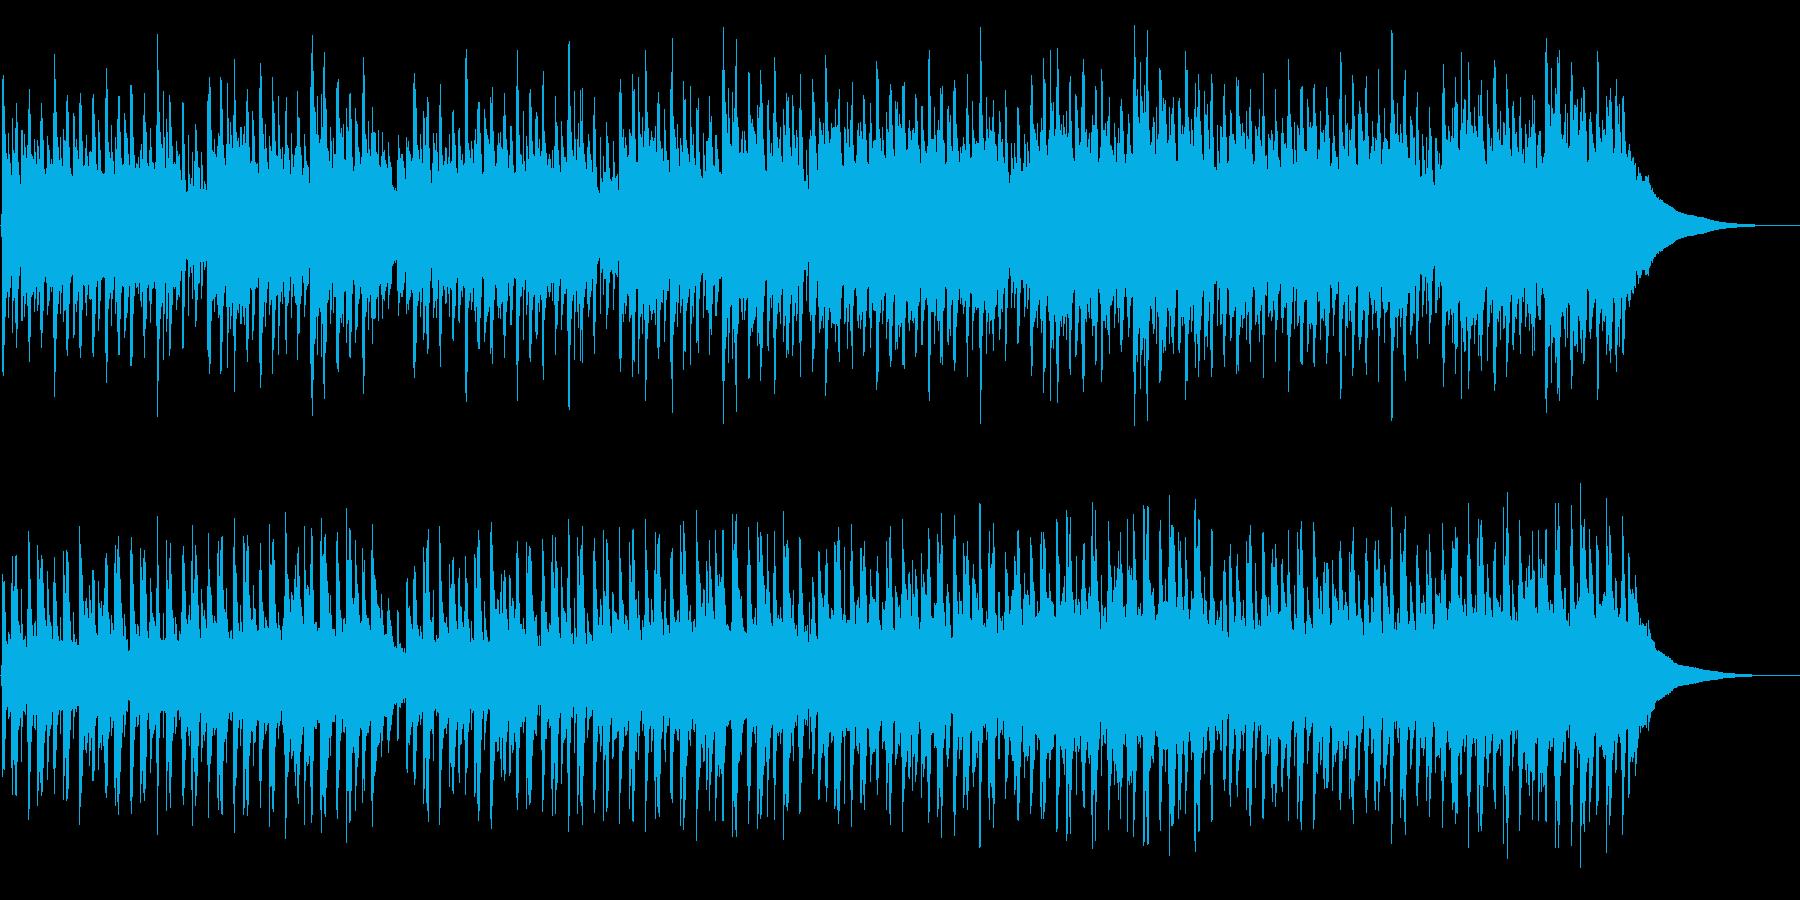 好印象壮大爽やか企業VP会社紹介(1分)の再生済みの波形